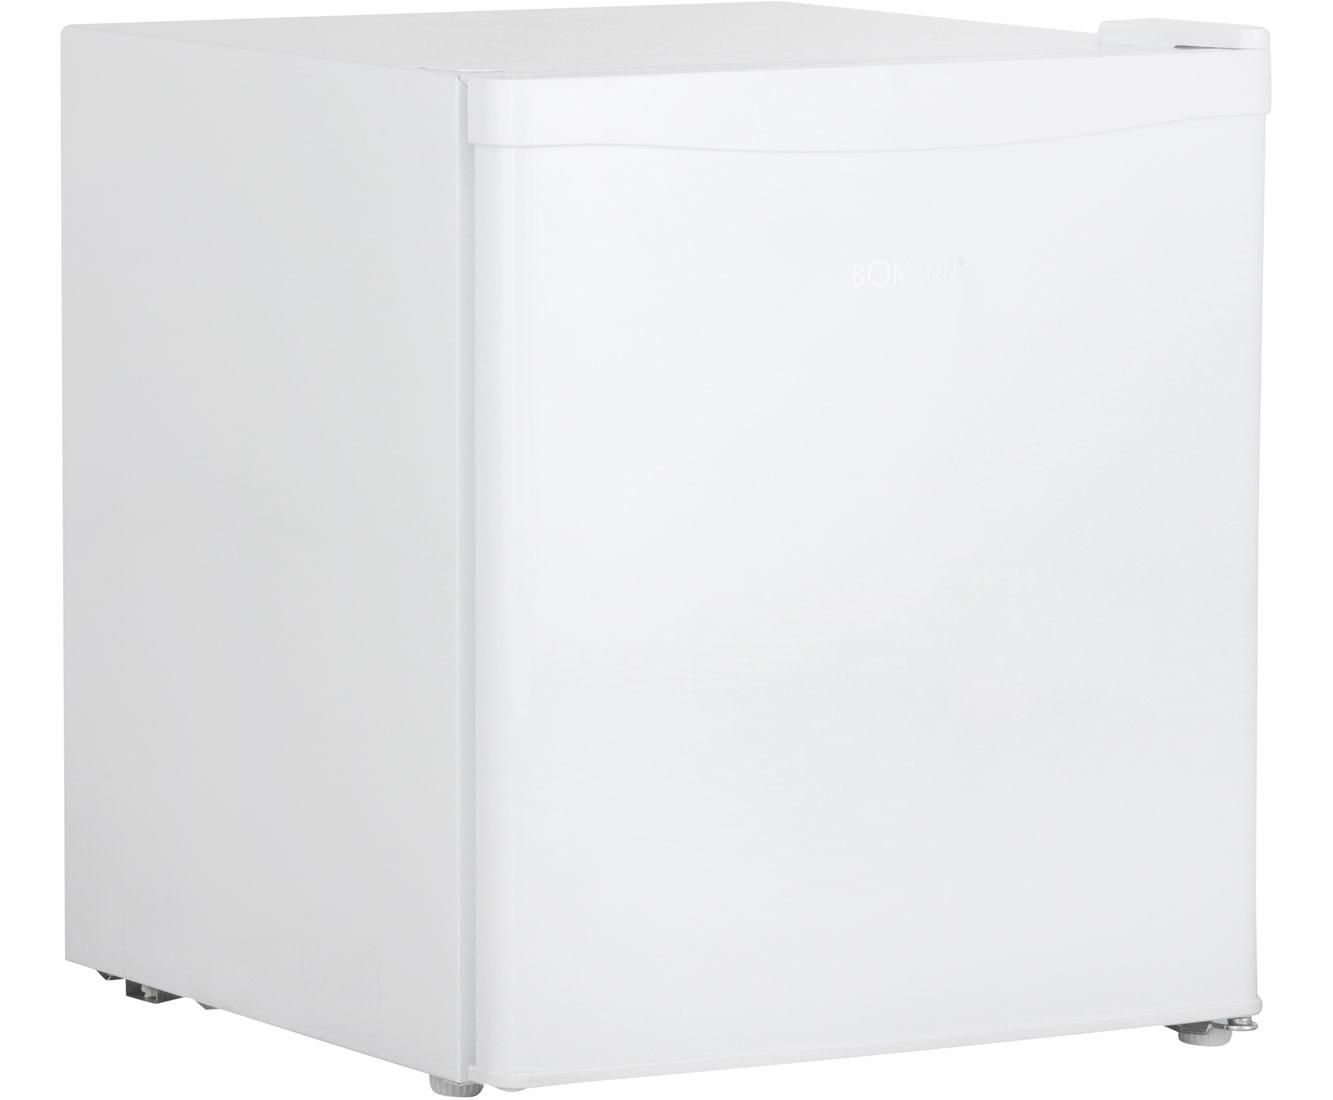 Bomann Kühlschrank Produktion : Bomann kb kühlschrank weiß a